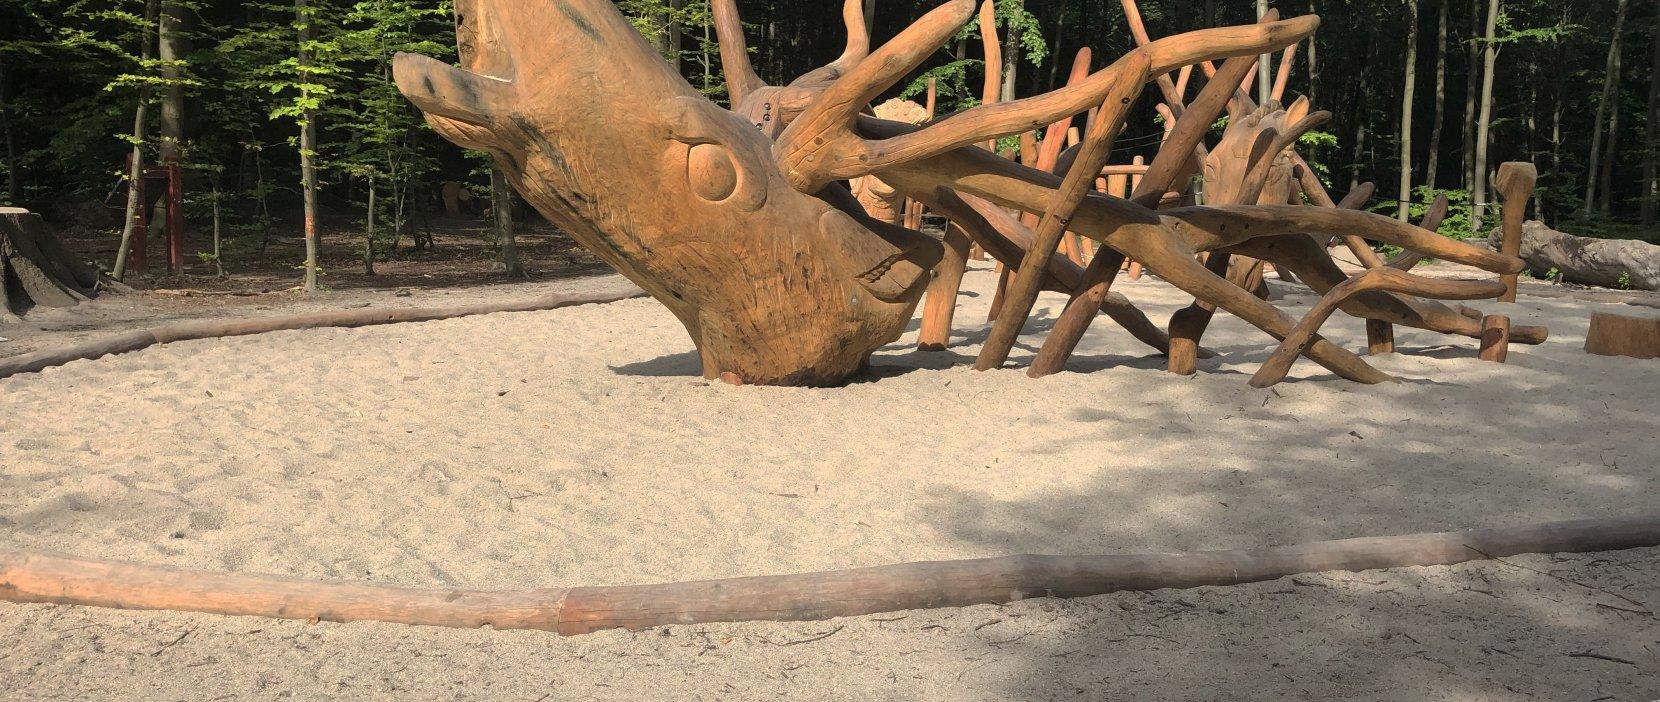 Foto: Skovlegepladsen Kronhjorten